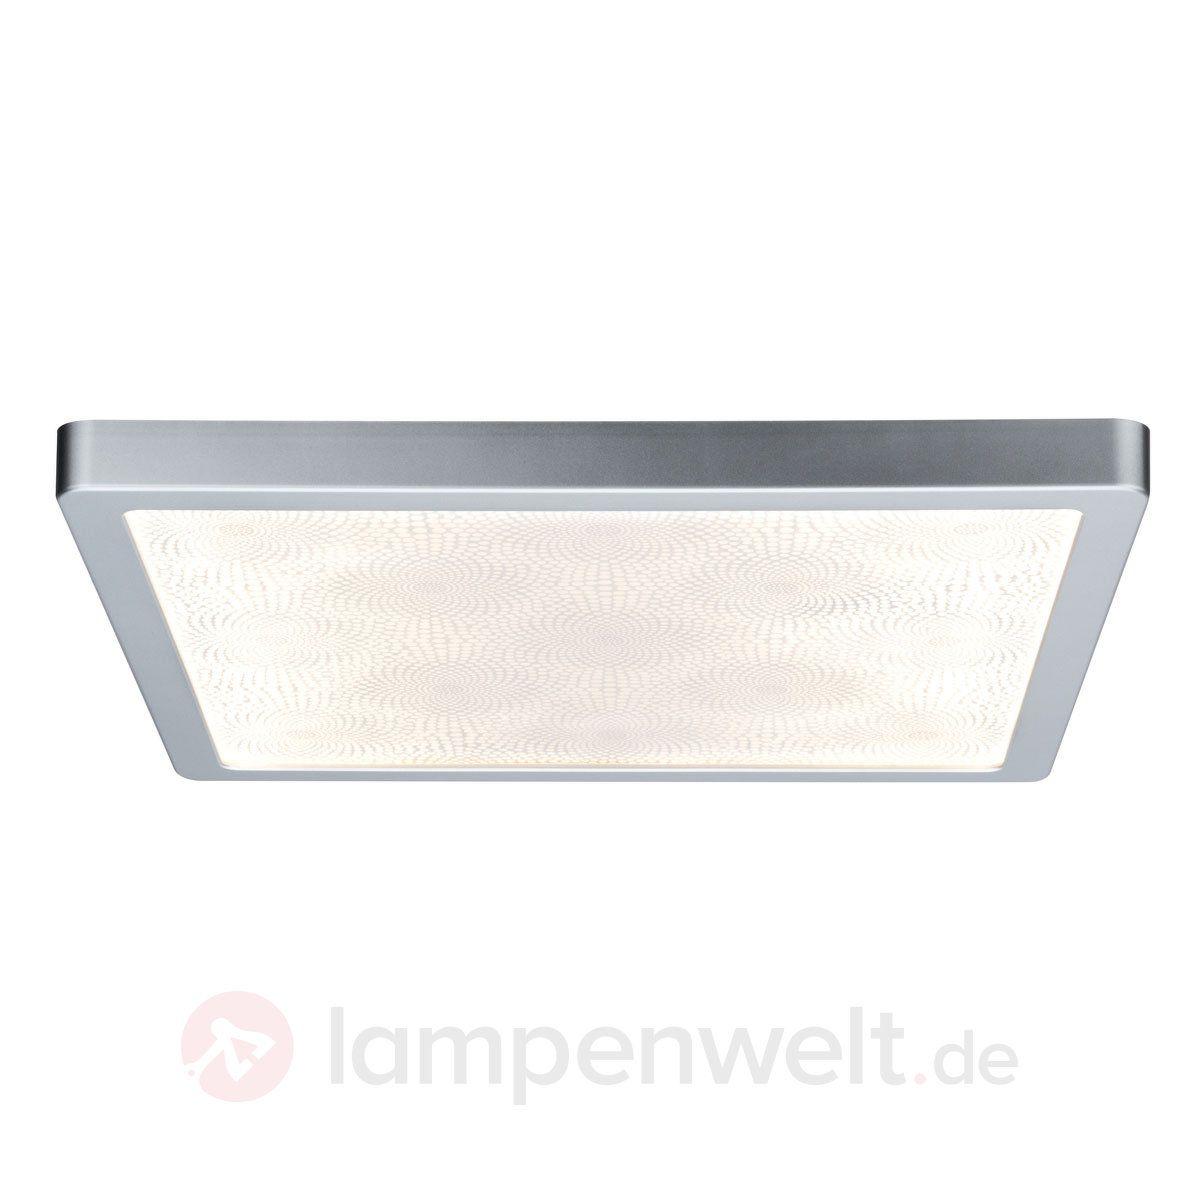 LED Bad Deckenlampe Ivy Quadratisch 20W Sicher U0026 Bequem Online Bestellen  Bei Lampenwelt.